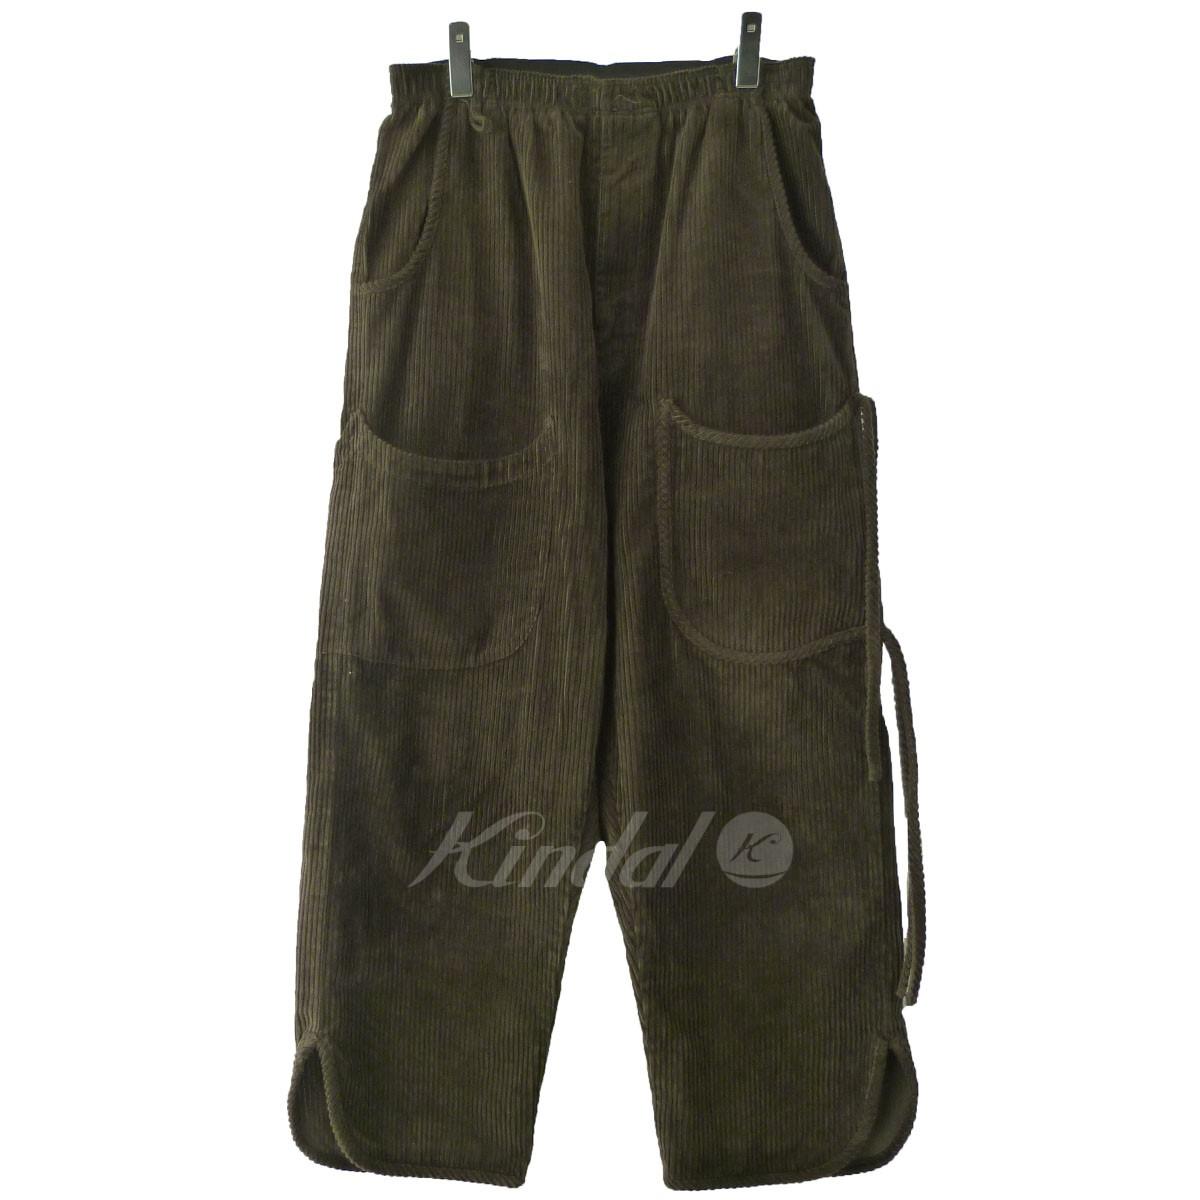 【中古】SYU. '18AW 「Relax corduroy pants」リラックスコーデュロイパンツ ブラウン サイズ:1 【送料無料】 【040119】(シュウ)